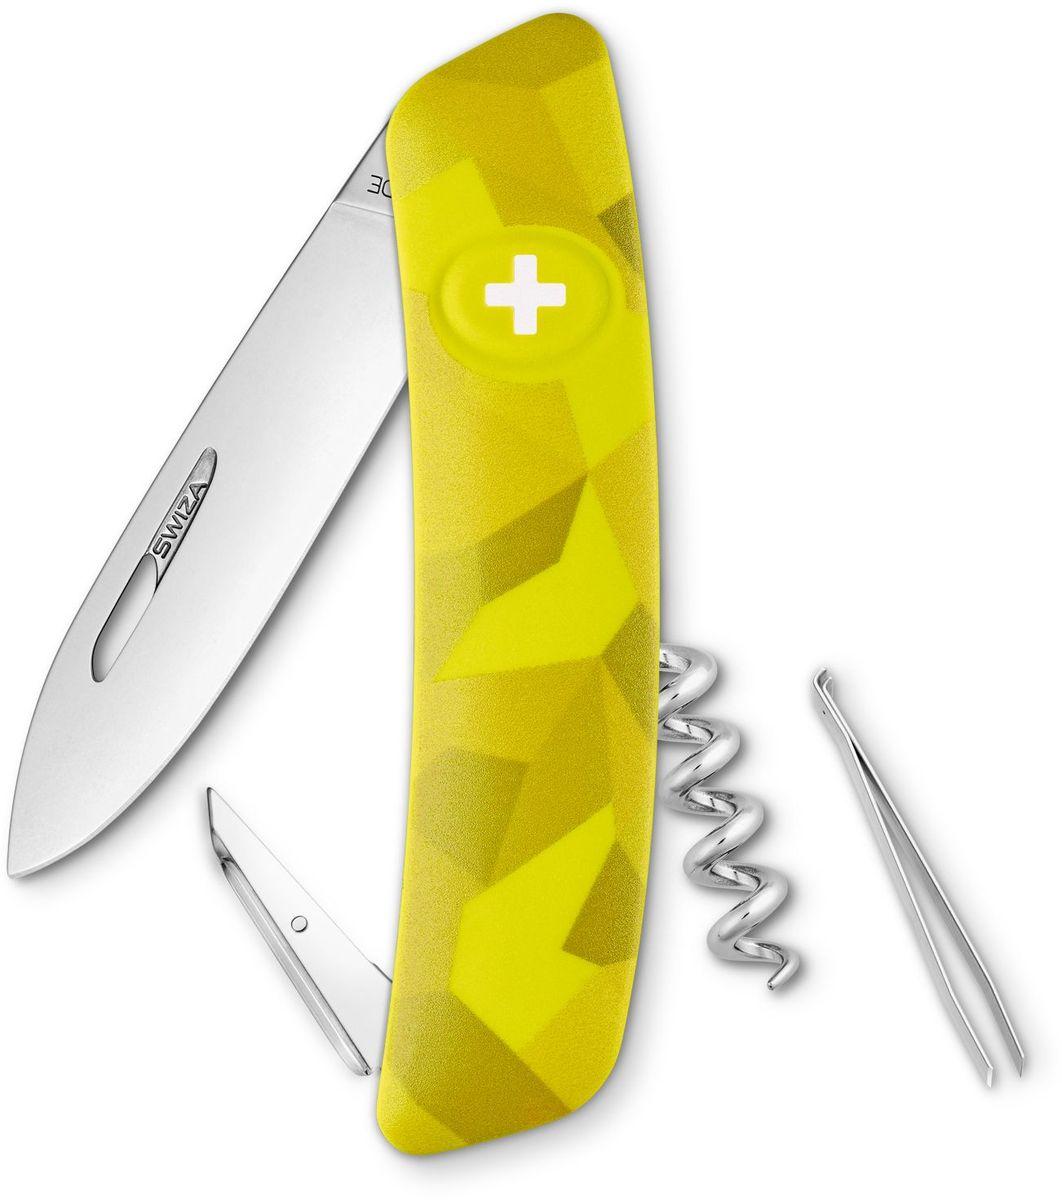 Нож швейцарский SWIZA C01, цвет: желтый, длина клинка 7,5 смKNI.0010.2080Швейцарский нож (SWIZA С01) с его революционной формой и безопасной рукояткой, легко раскладываемой ручкой - самый удобный и простой в использовании швейцарский нож на все времена. Эргономично изогнутая форма ножа обеспечивает более легкий доступ к инструментам, а пазы позволяют легко их открывать, как левой, так и правой рукой. Пожизненная гаратния на ножи SWIZA обеспечивают долговременное использование 1. нож перочинный , 2. штопор, 3. ример/дырокол 4. шило, 5. безопасная блокировка лезвий, 6. пинцет